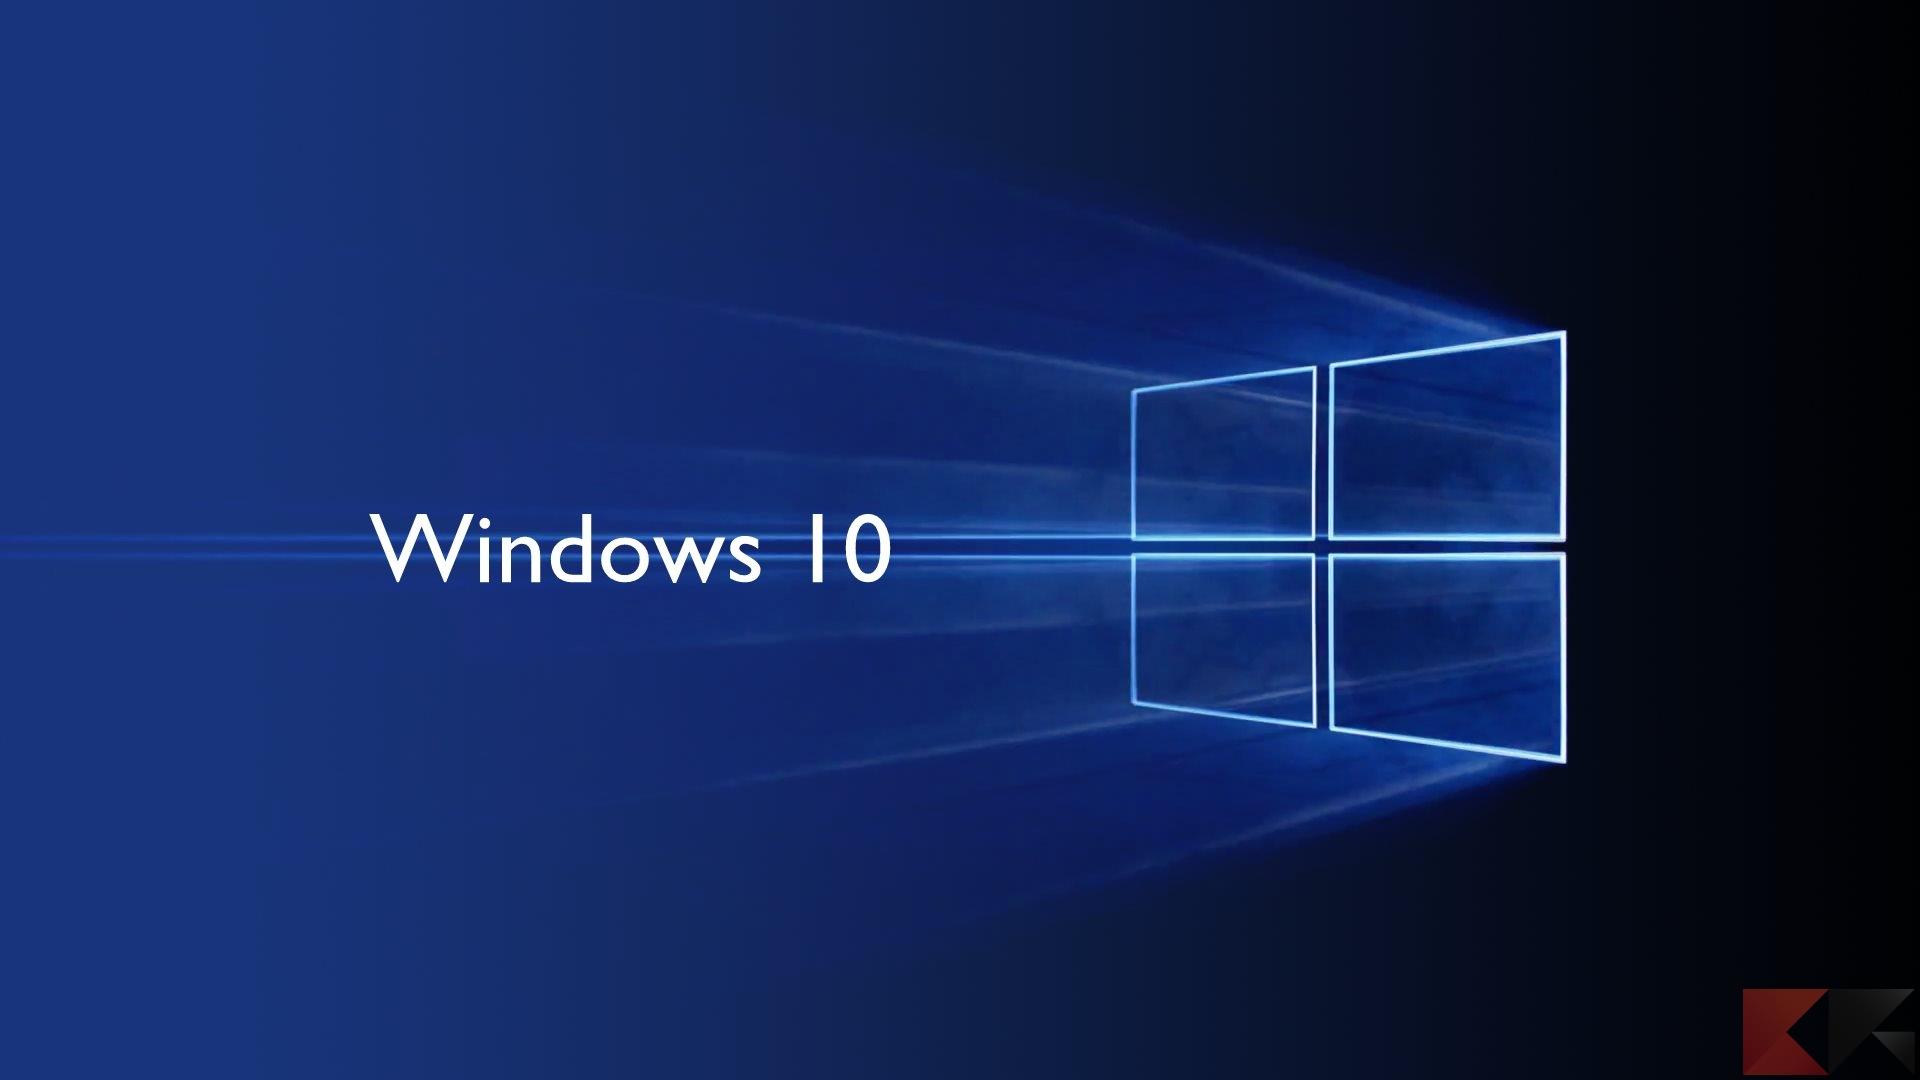 Come ripristinare Windows 10